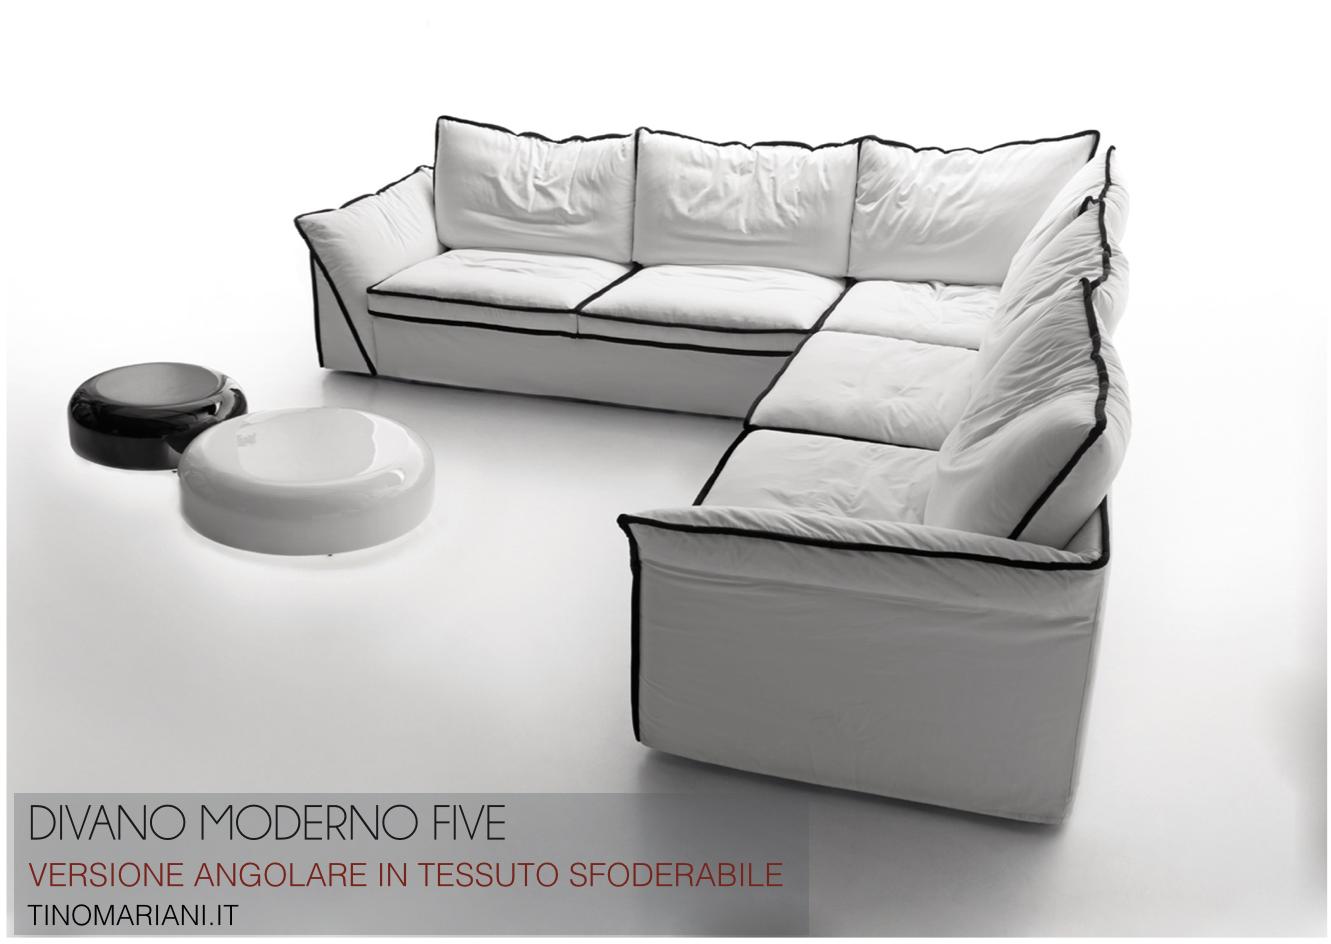 Divano angolare five un divano dai dettagli unici tino - Pulire divano non sfoderabile ...